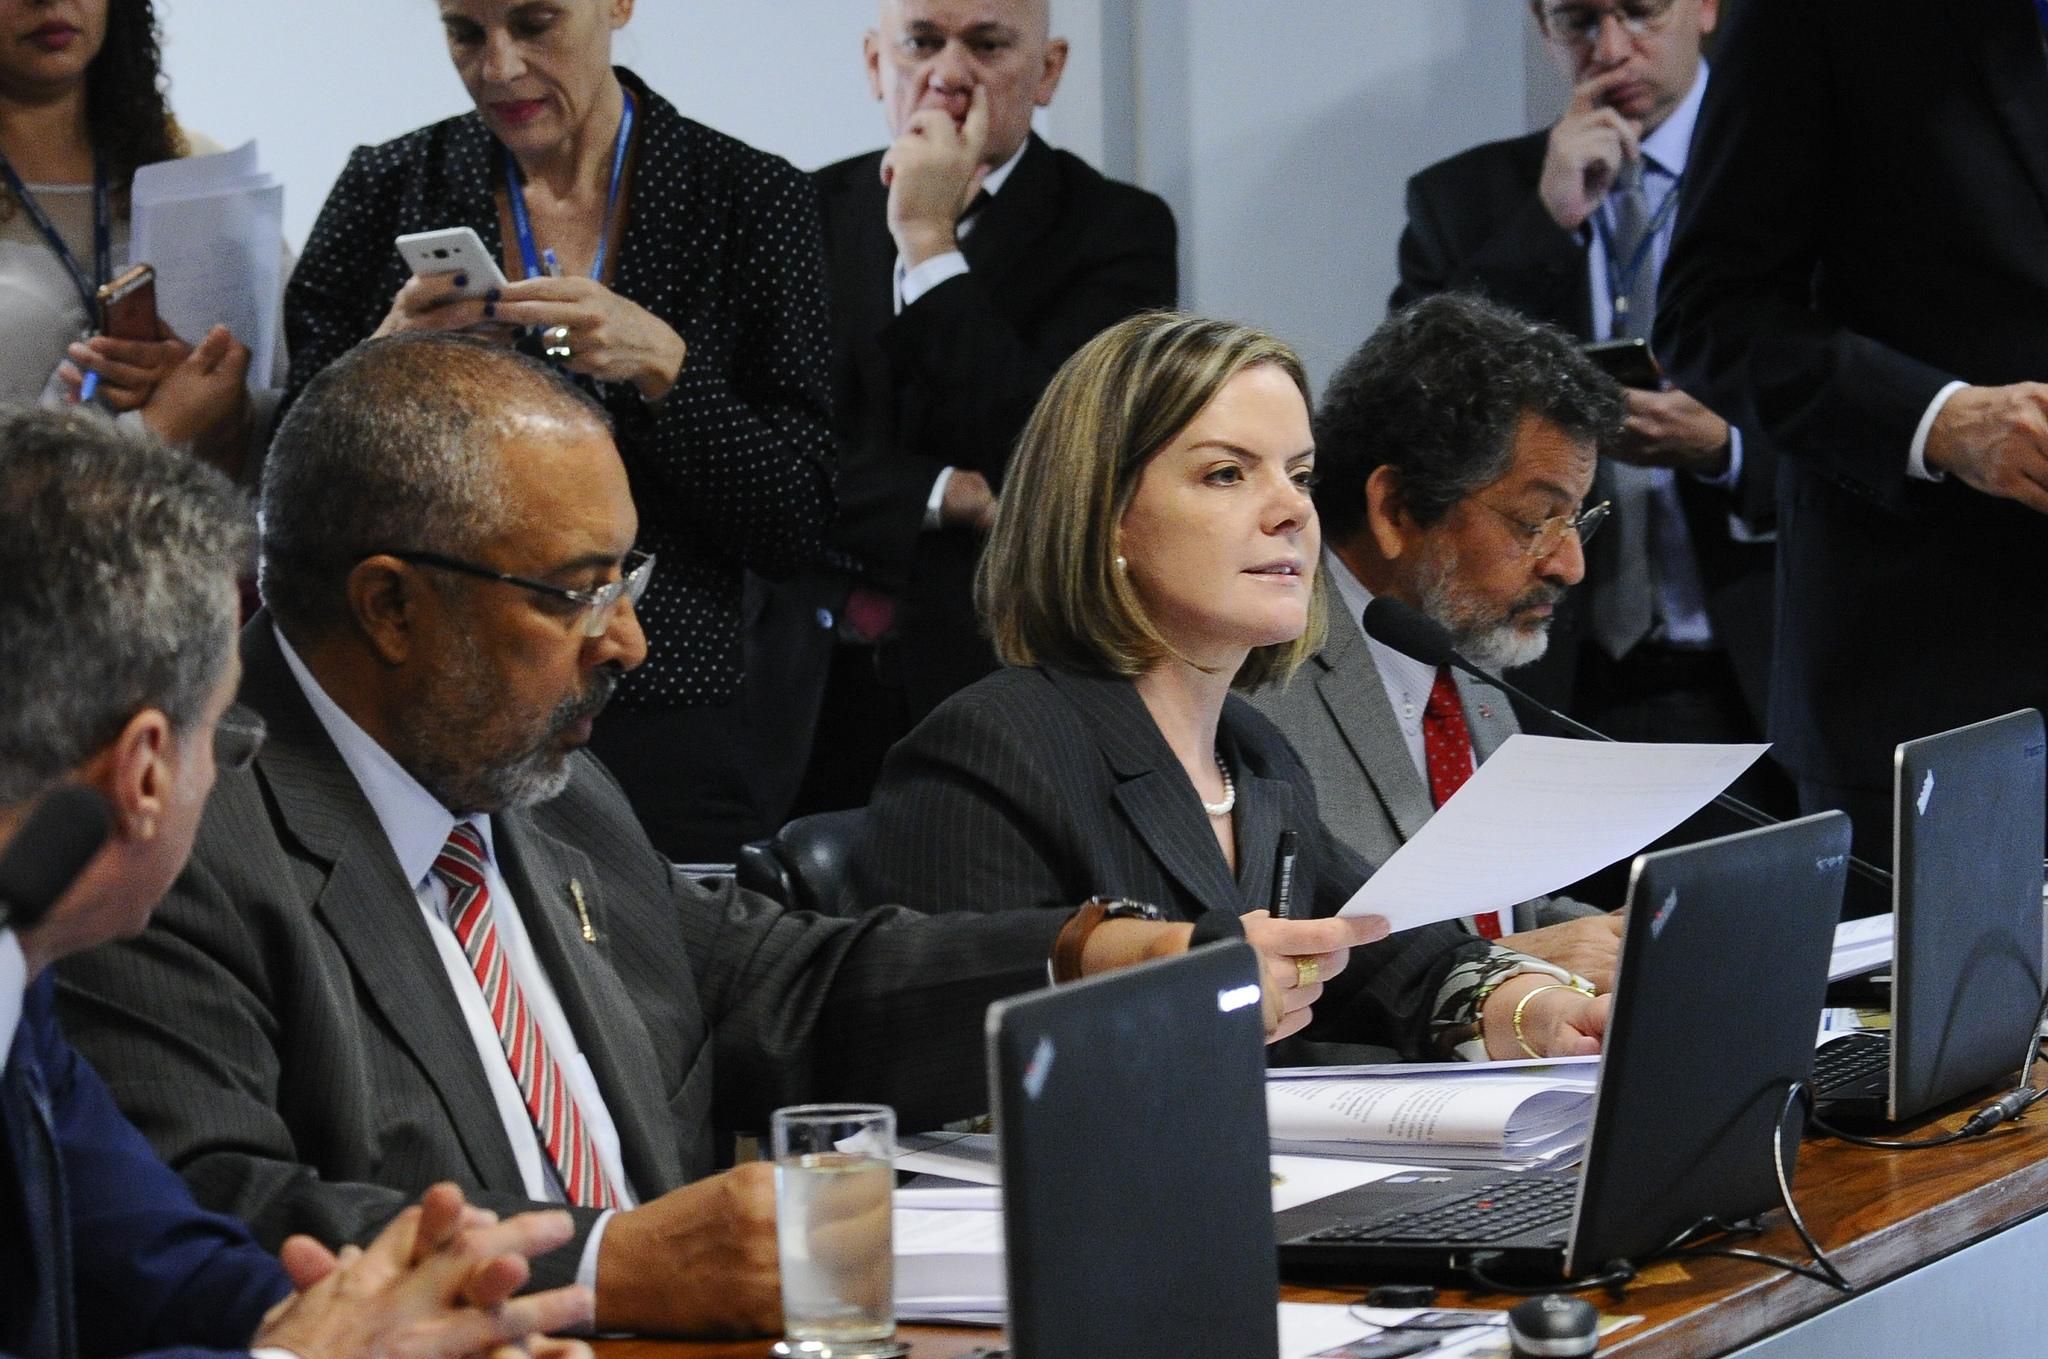 Senadores apresentam voto em separado contrário à reforma trabalhista